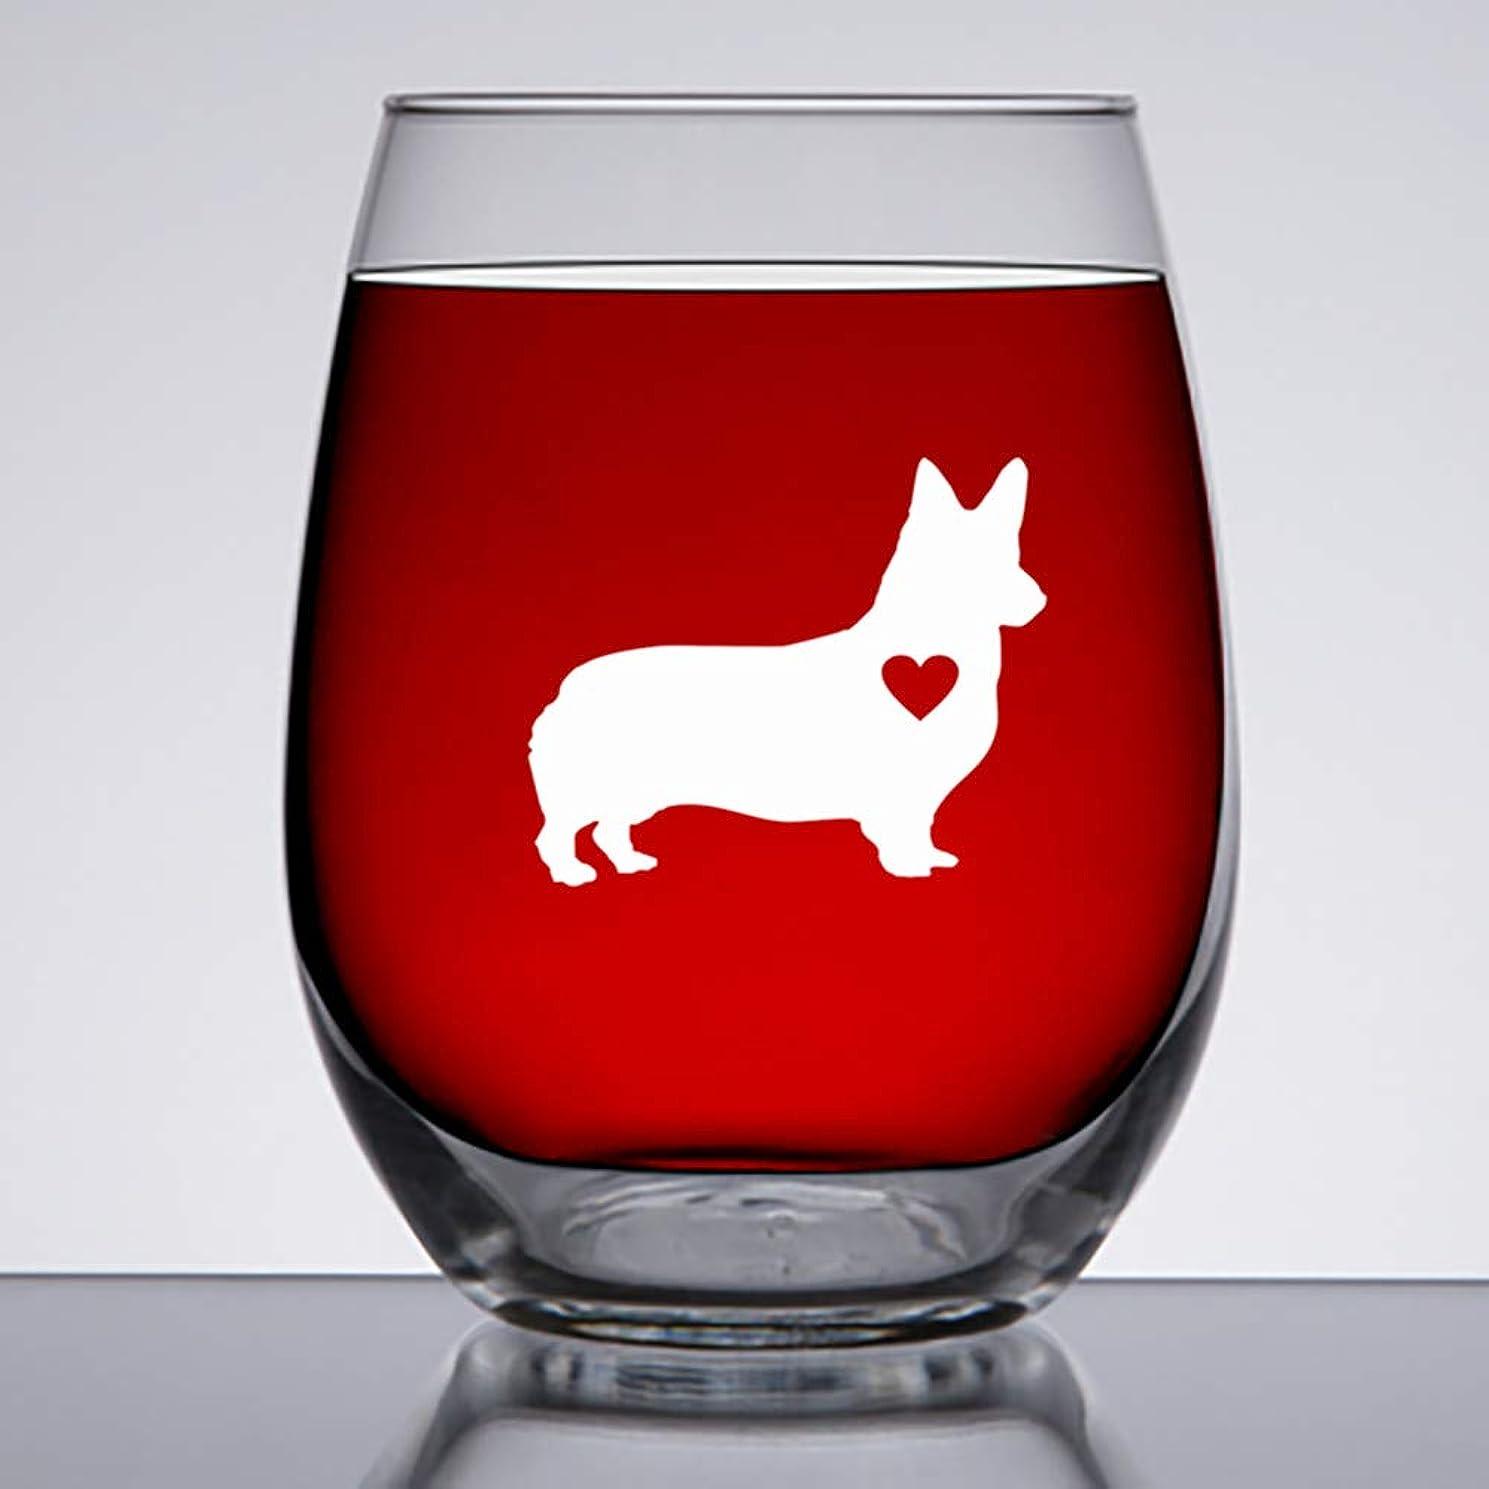 結婚式識別する医薬品Corgi Gifts - 大きな15オンスステムレスワイングラス - コーギー愛好家へのユニークなギフト